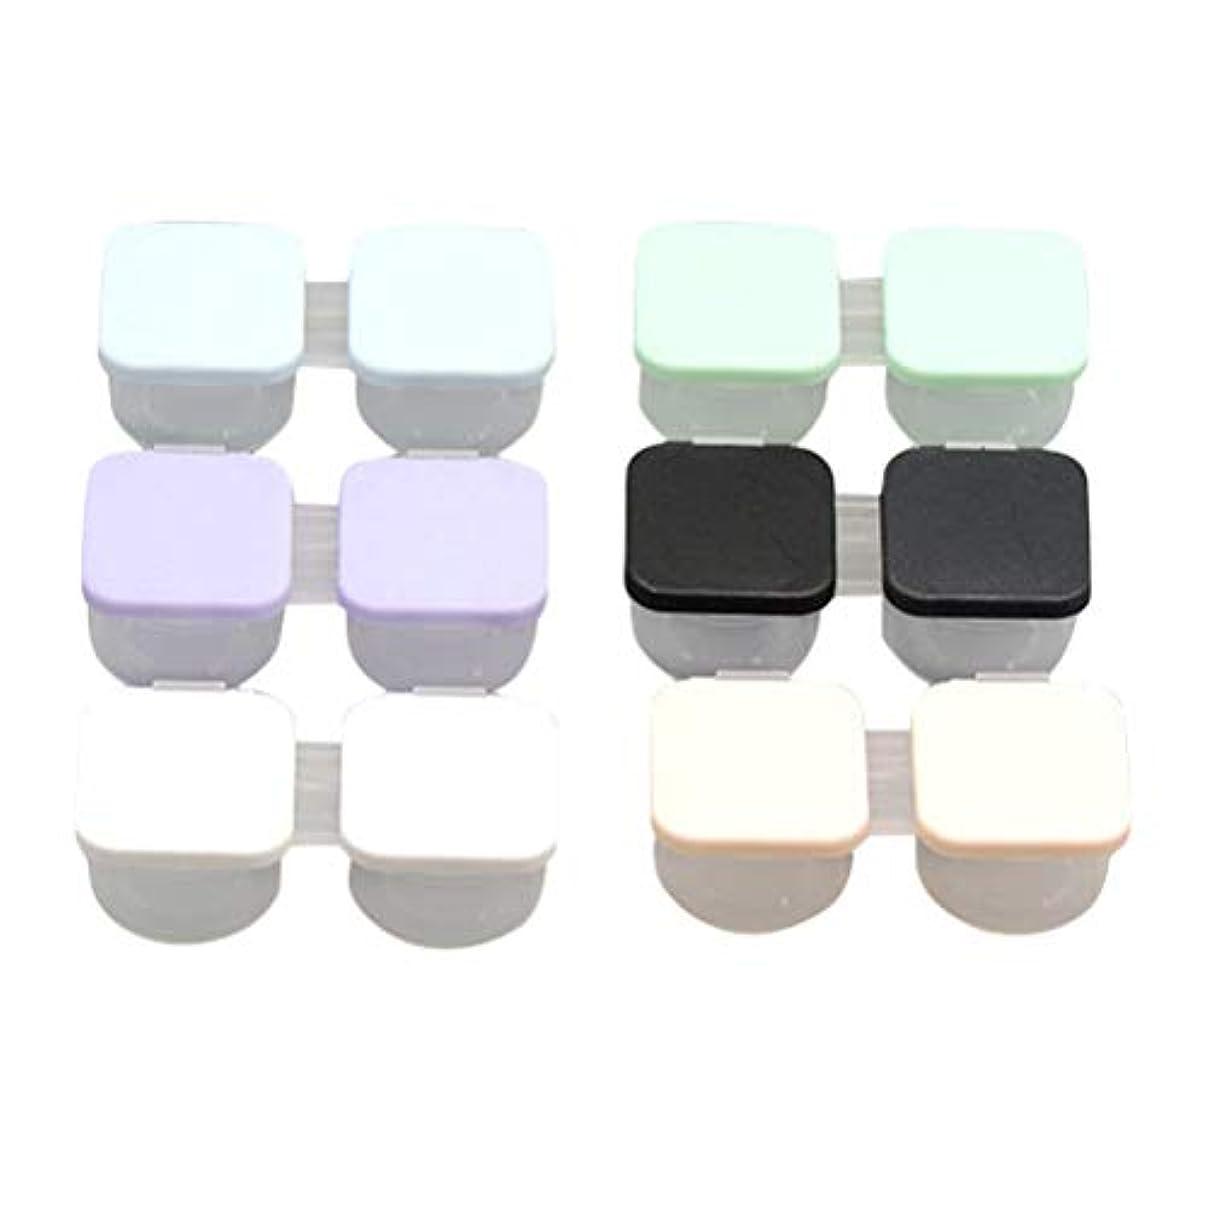 気がついてクリーム建築家Healifty 6Pcs / Setポータブルコンタクトレンズケースダブルボックスコンタクトレンズ容器携帯用コンタクトレンズホルダー